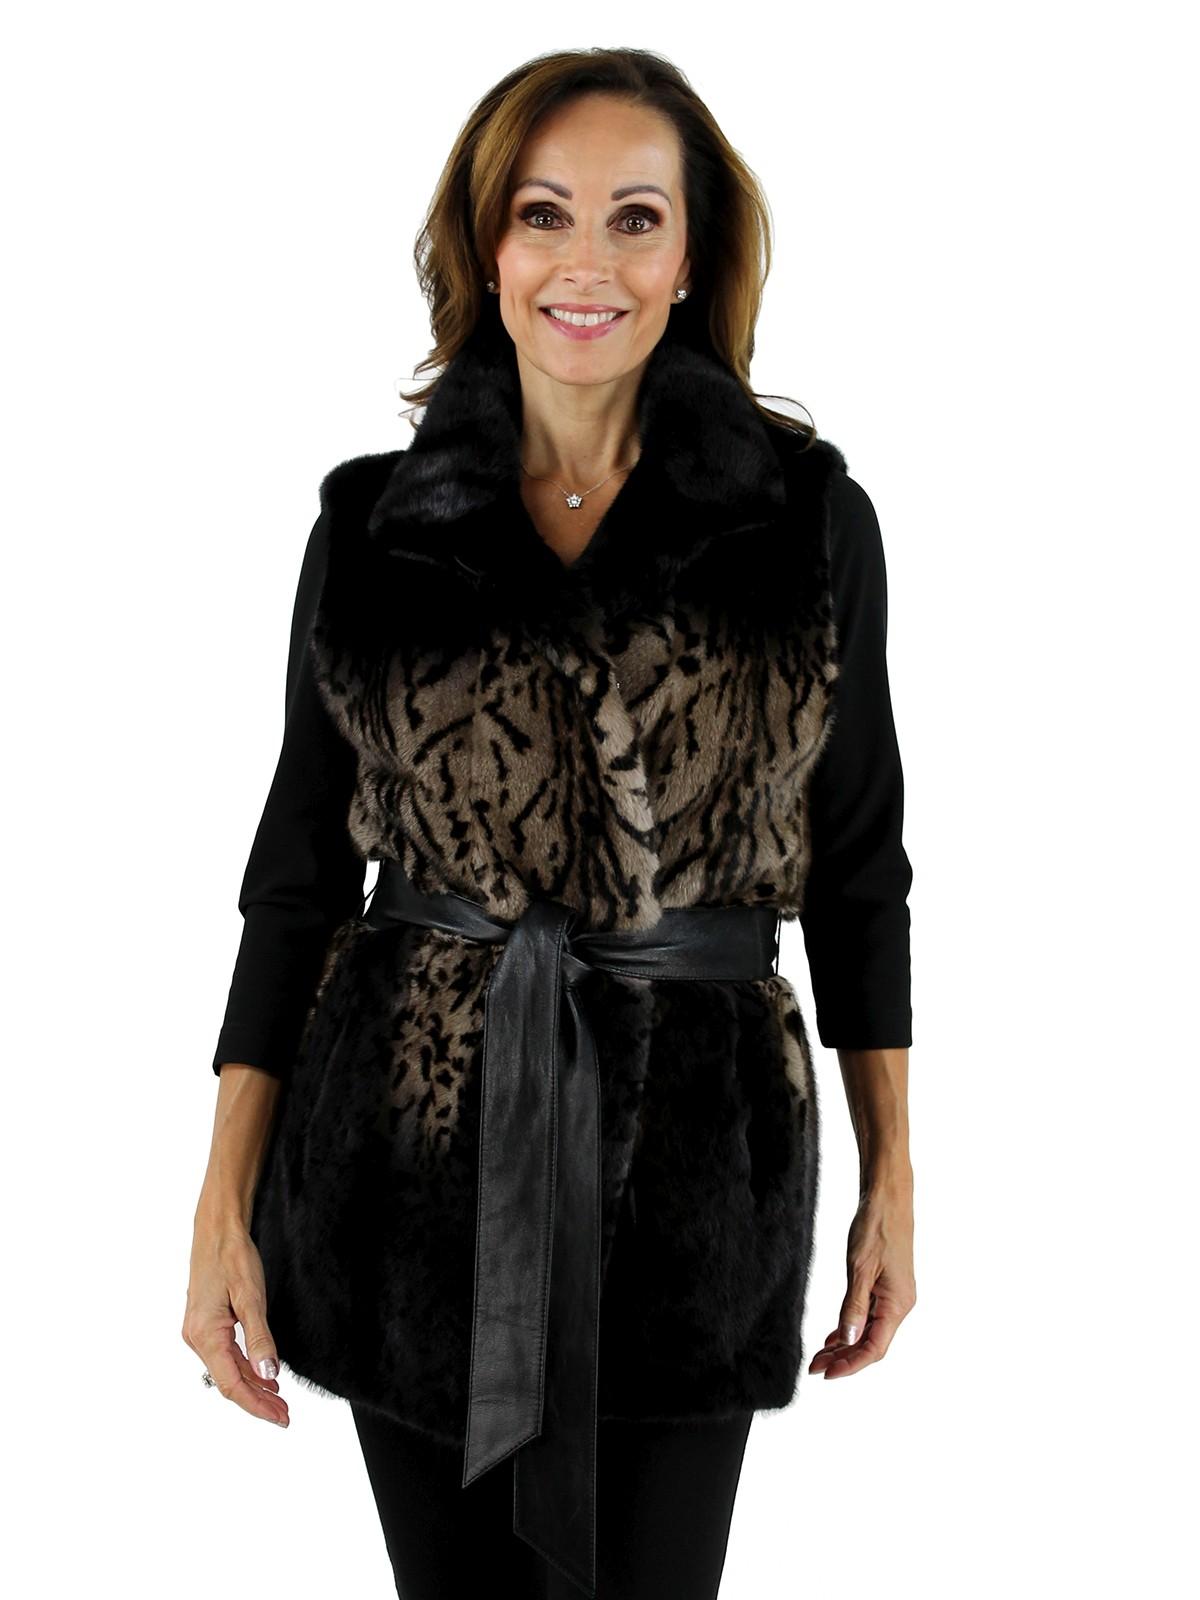 Gorski Woman's Tiger Print Mink Fur Vest